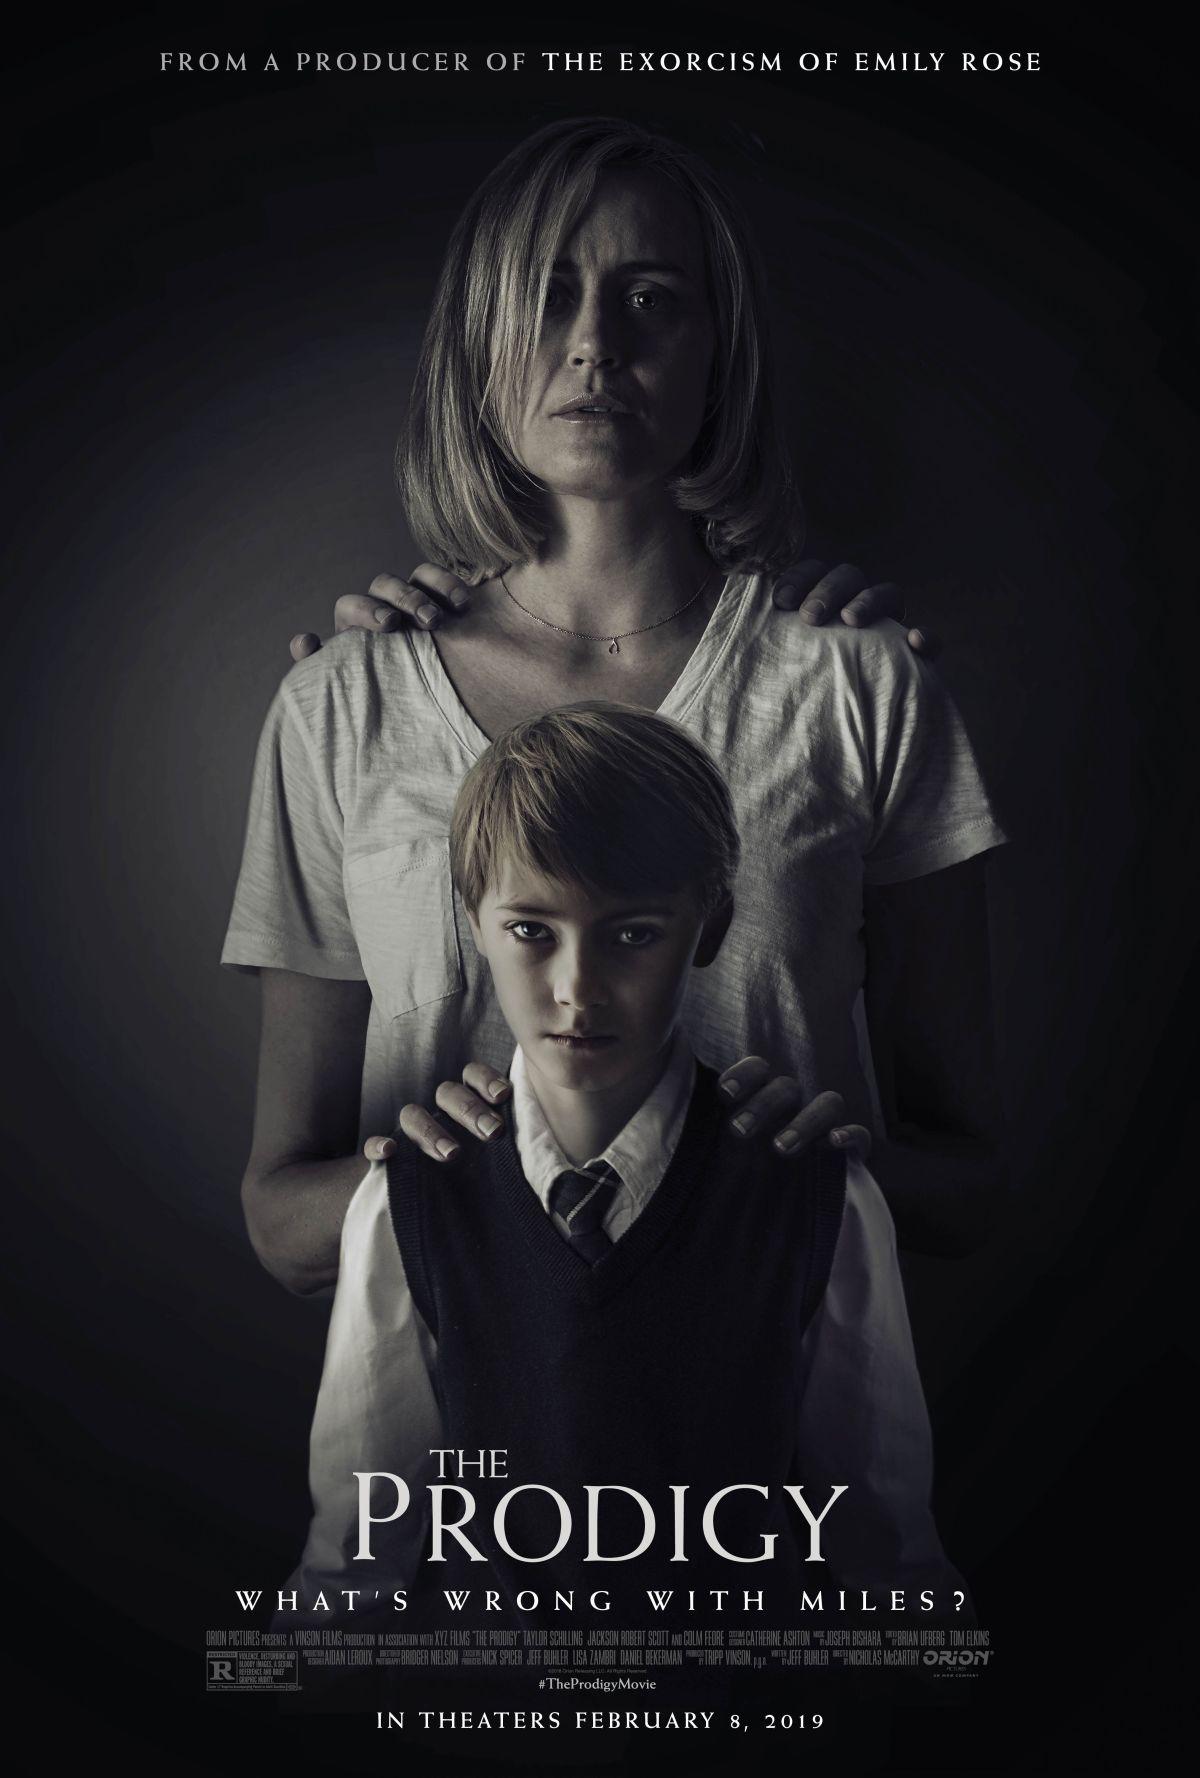 theprodigy_poster2.jpg